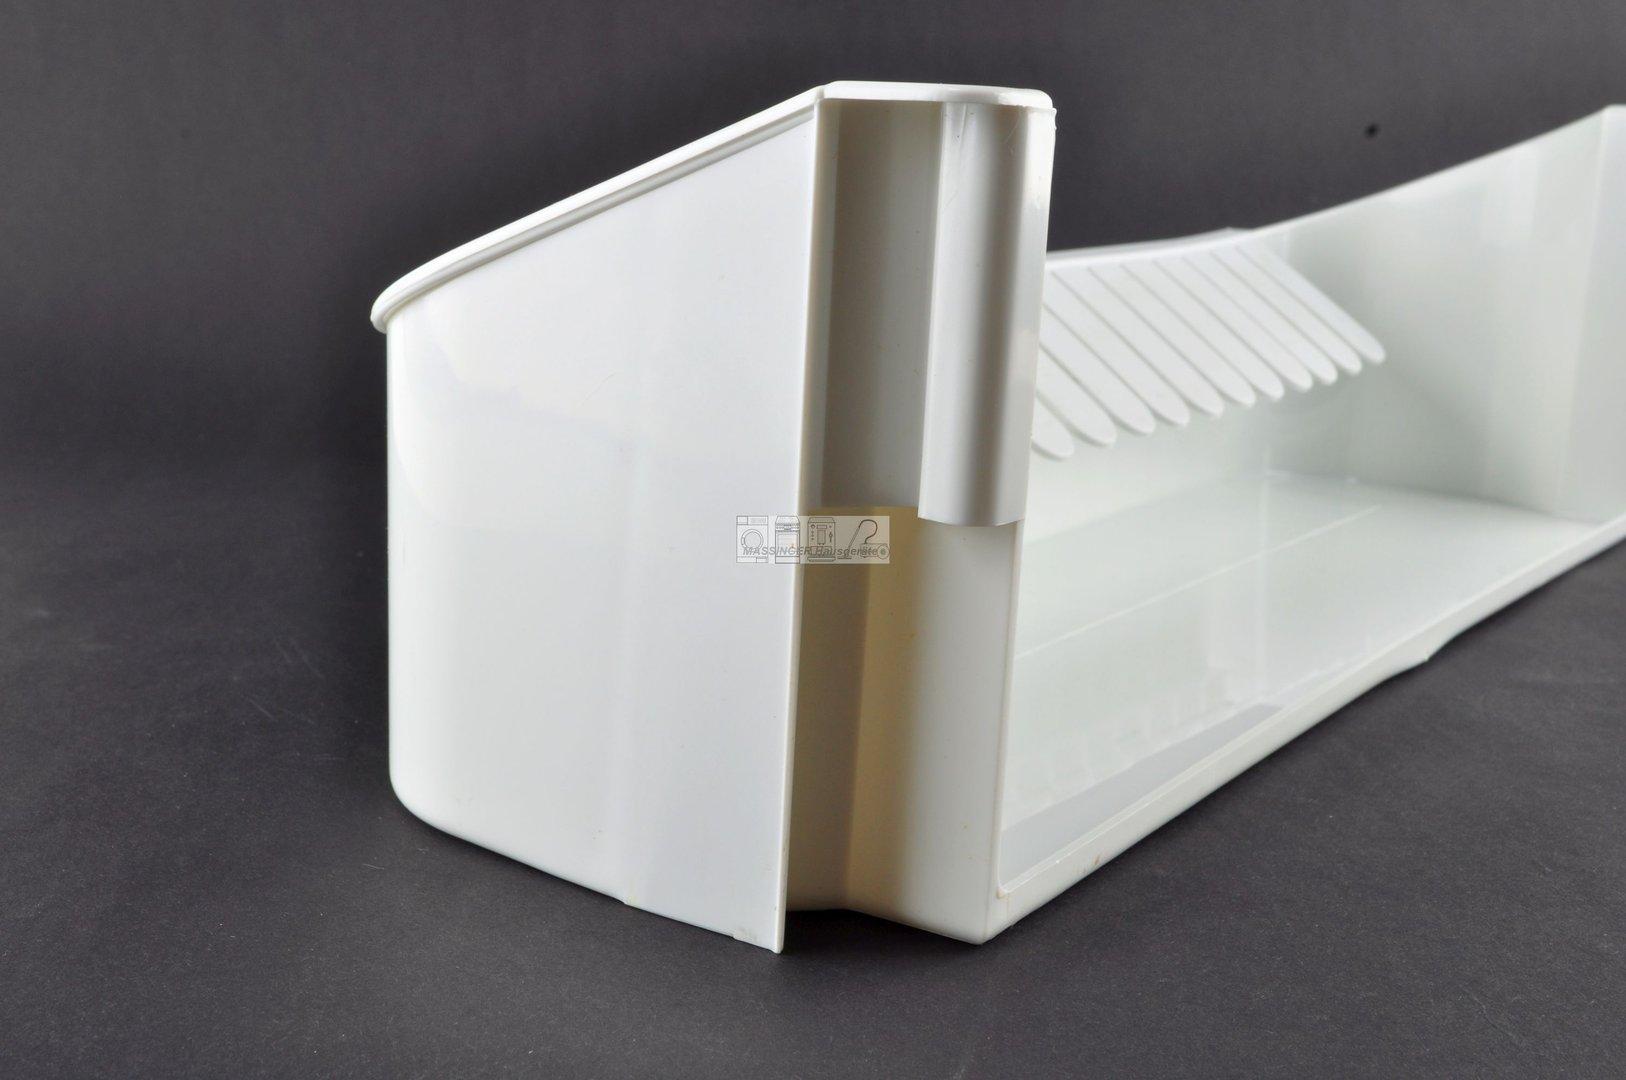 Privileg Juno Zanker Flaschenfach 430mm Kühlschrank  ~ Kühlschrank Juno